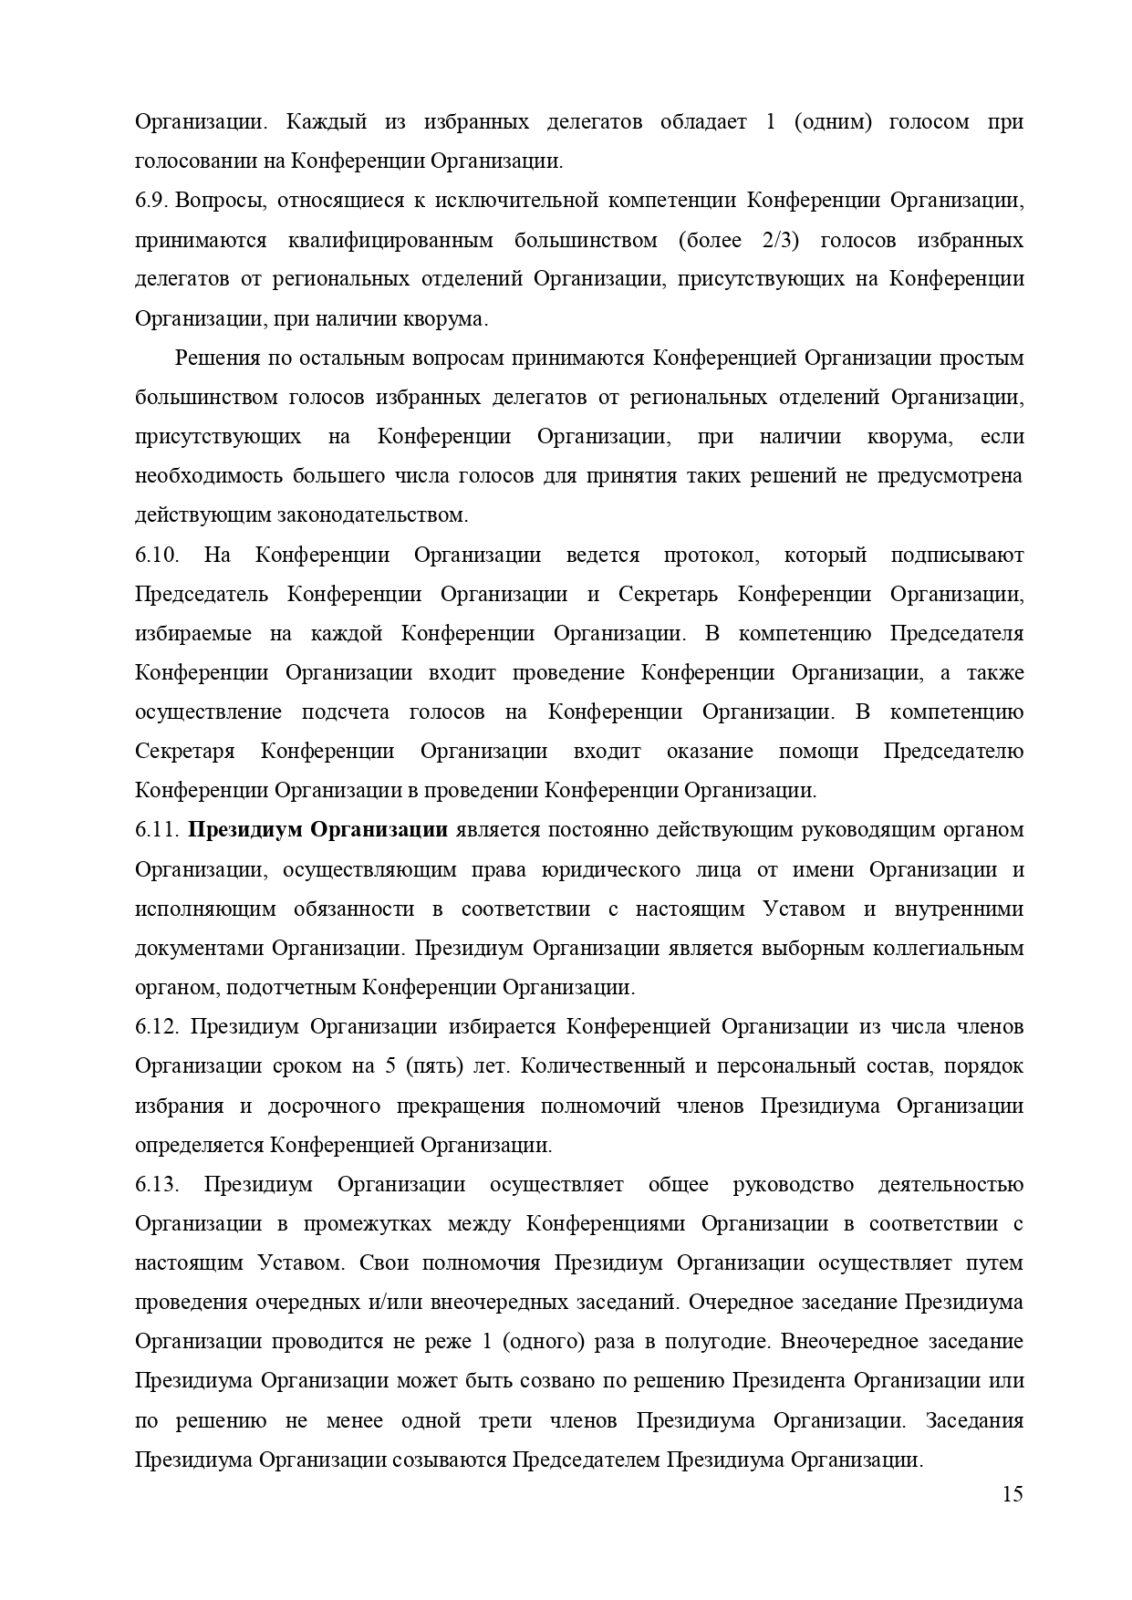 ustav_GKR_page-0015